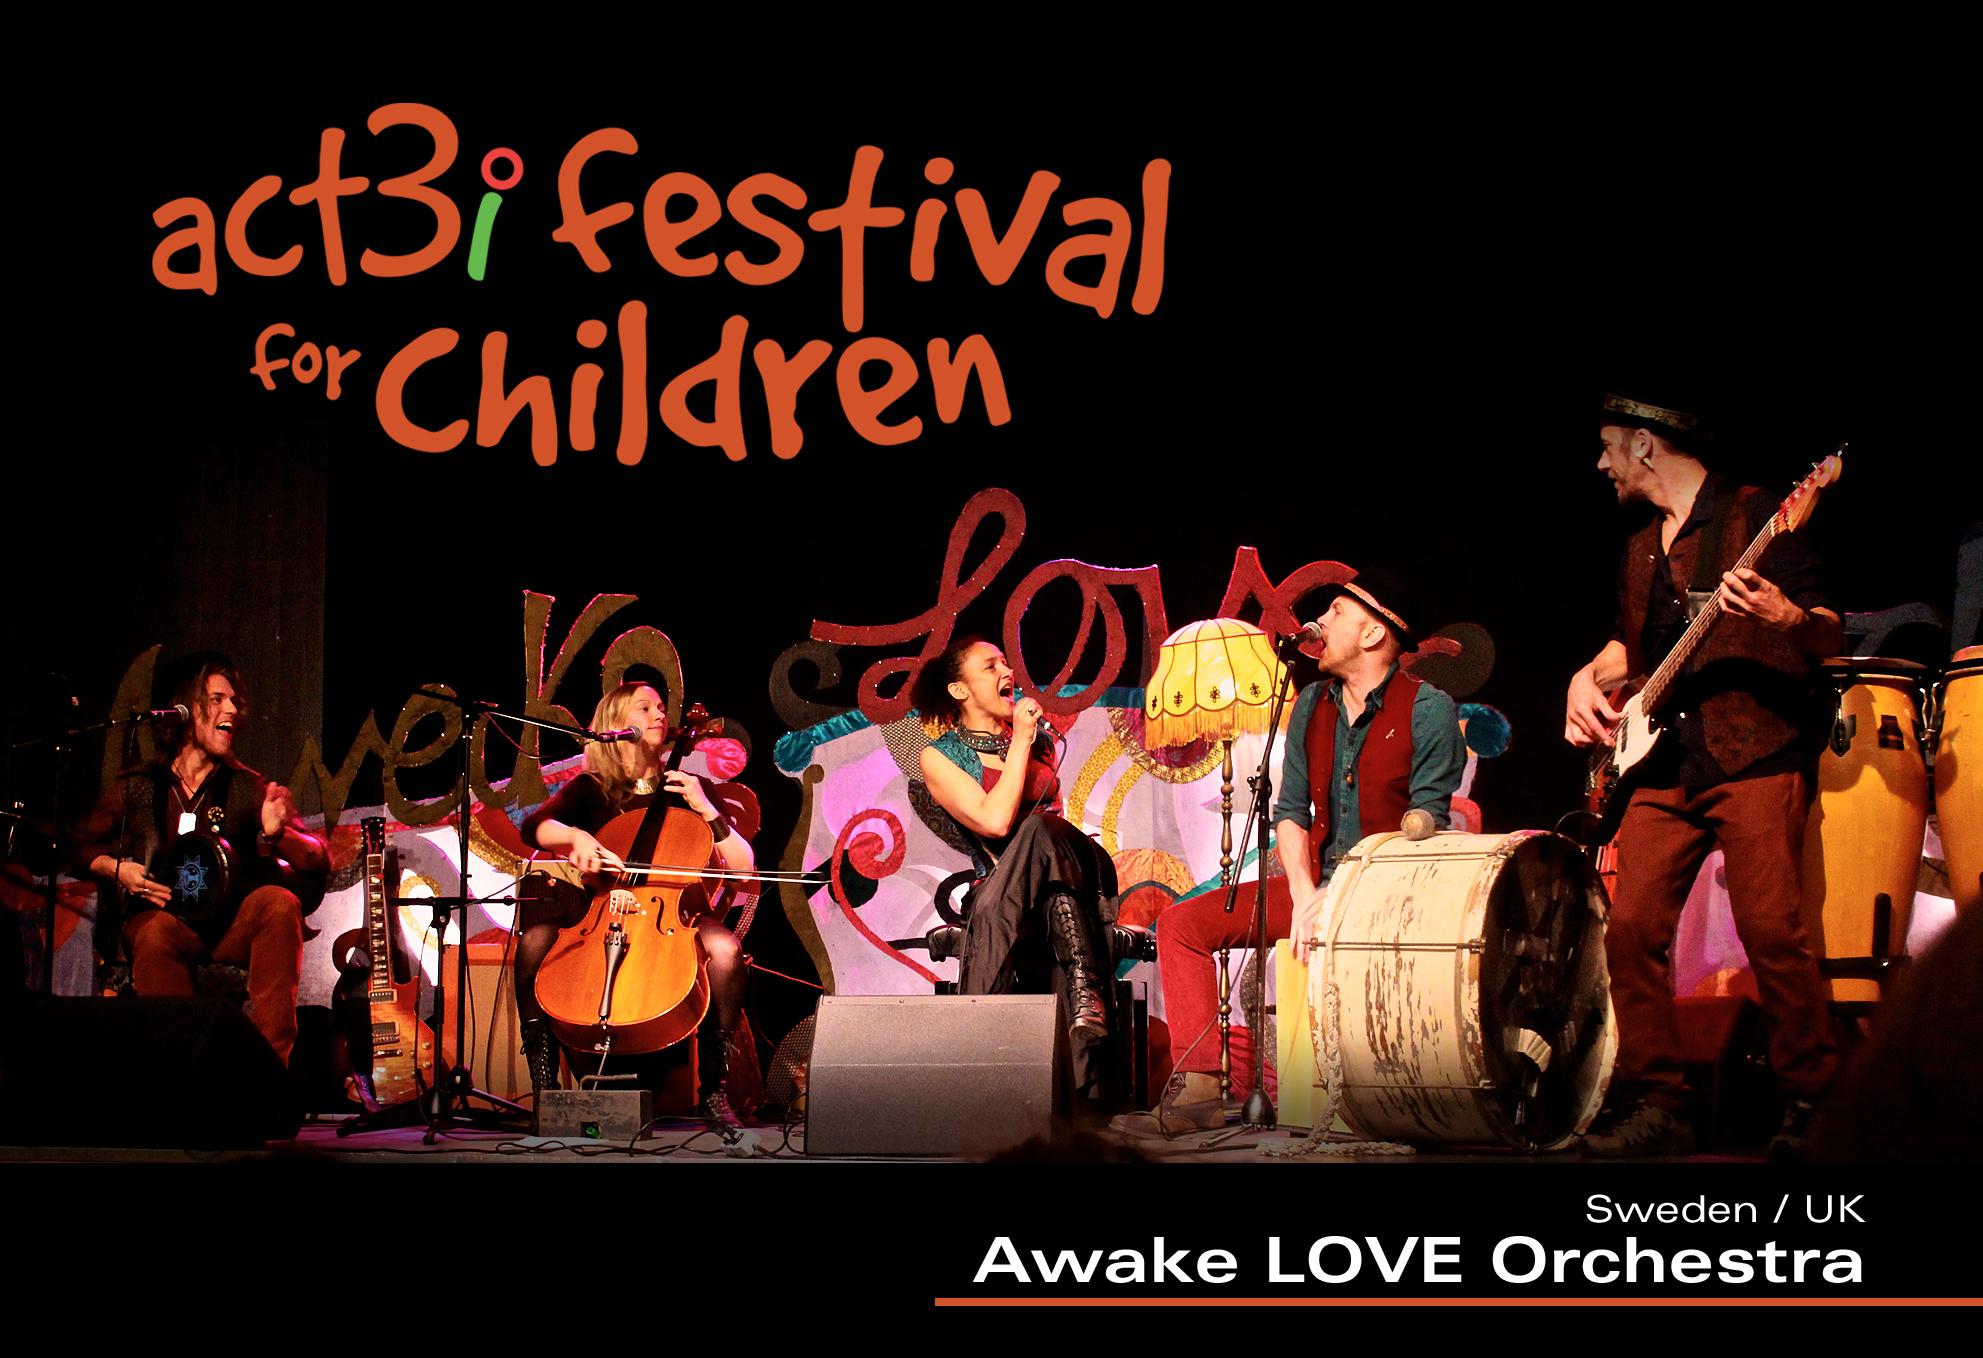 ACT 3i Festival for Children Awake LOVE Orchestra -logo